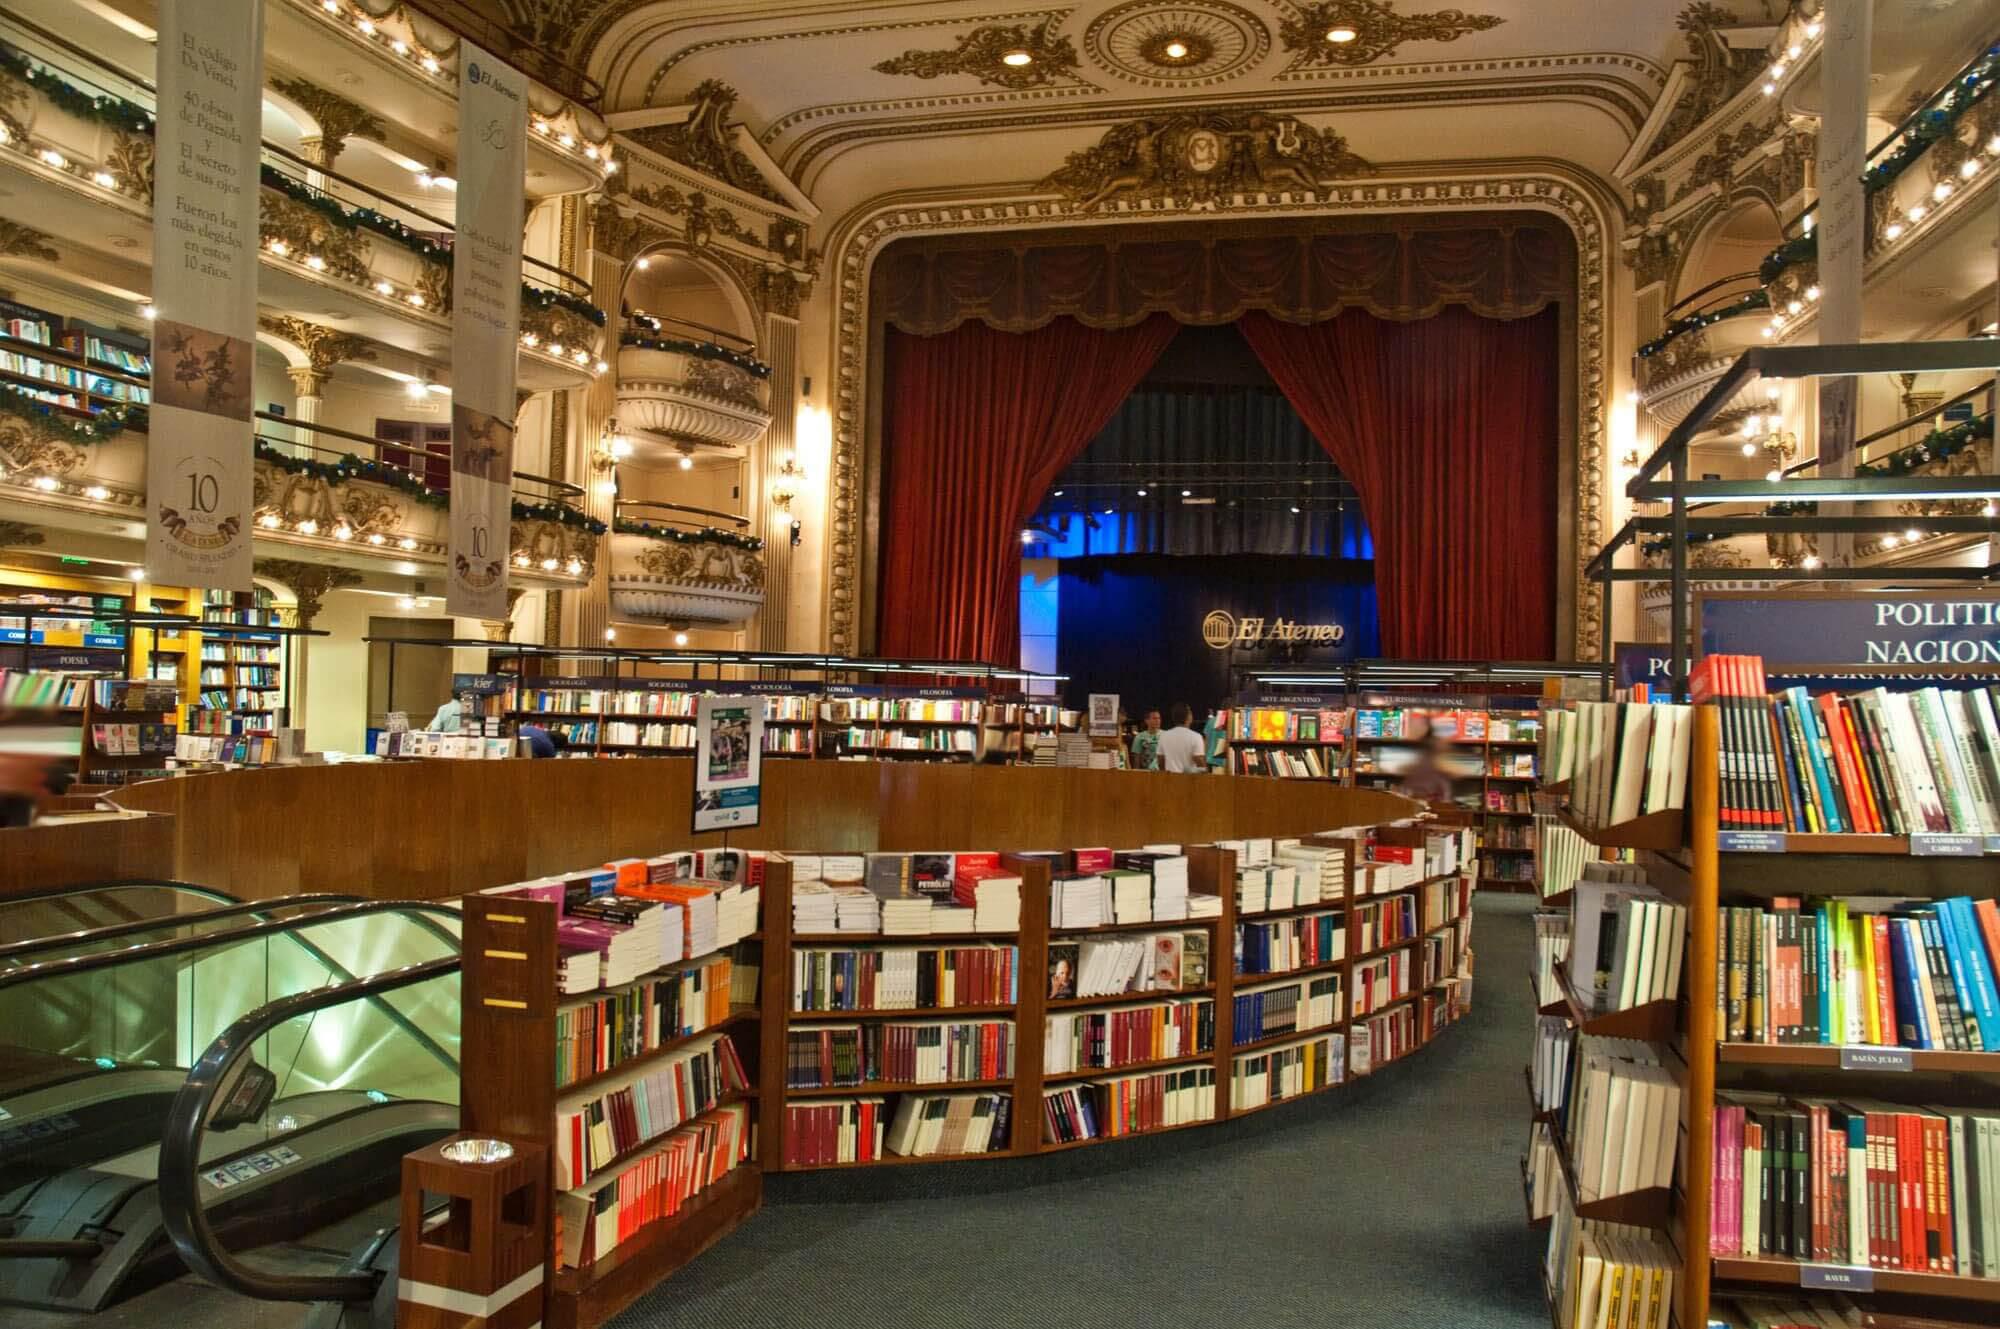 חנויות הספרים היפות בעולם - בואנוס איירס א